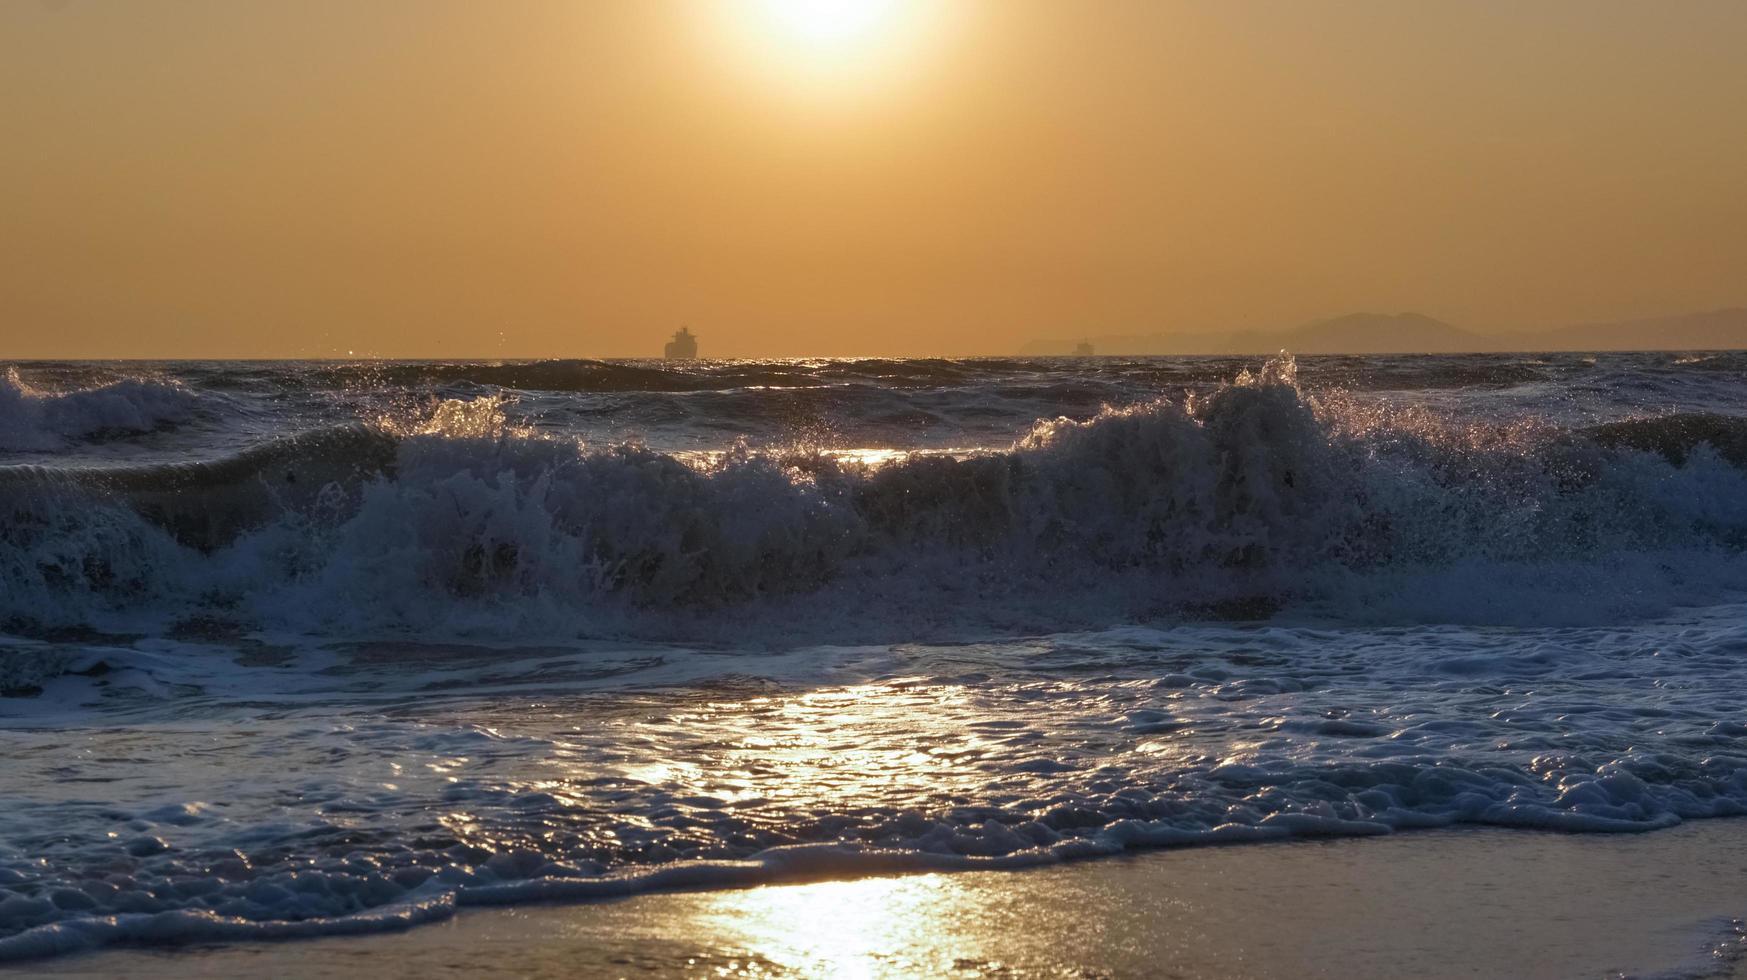 tramonto mare orizzonte nave da carico silhouette paesaggio. foto